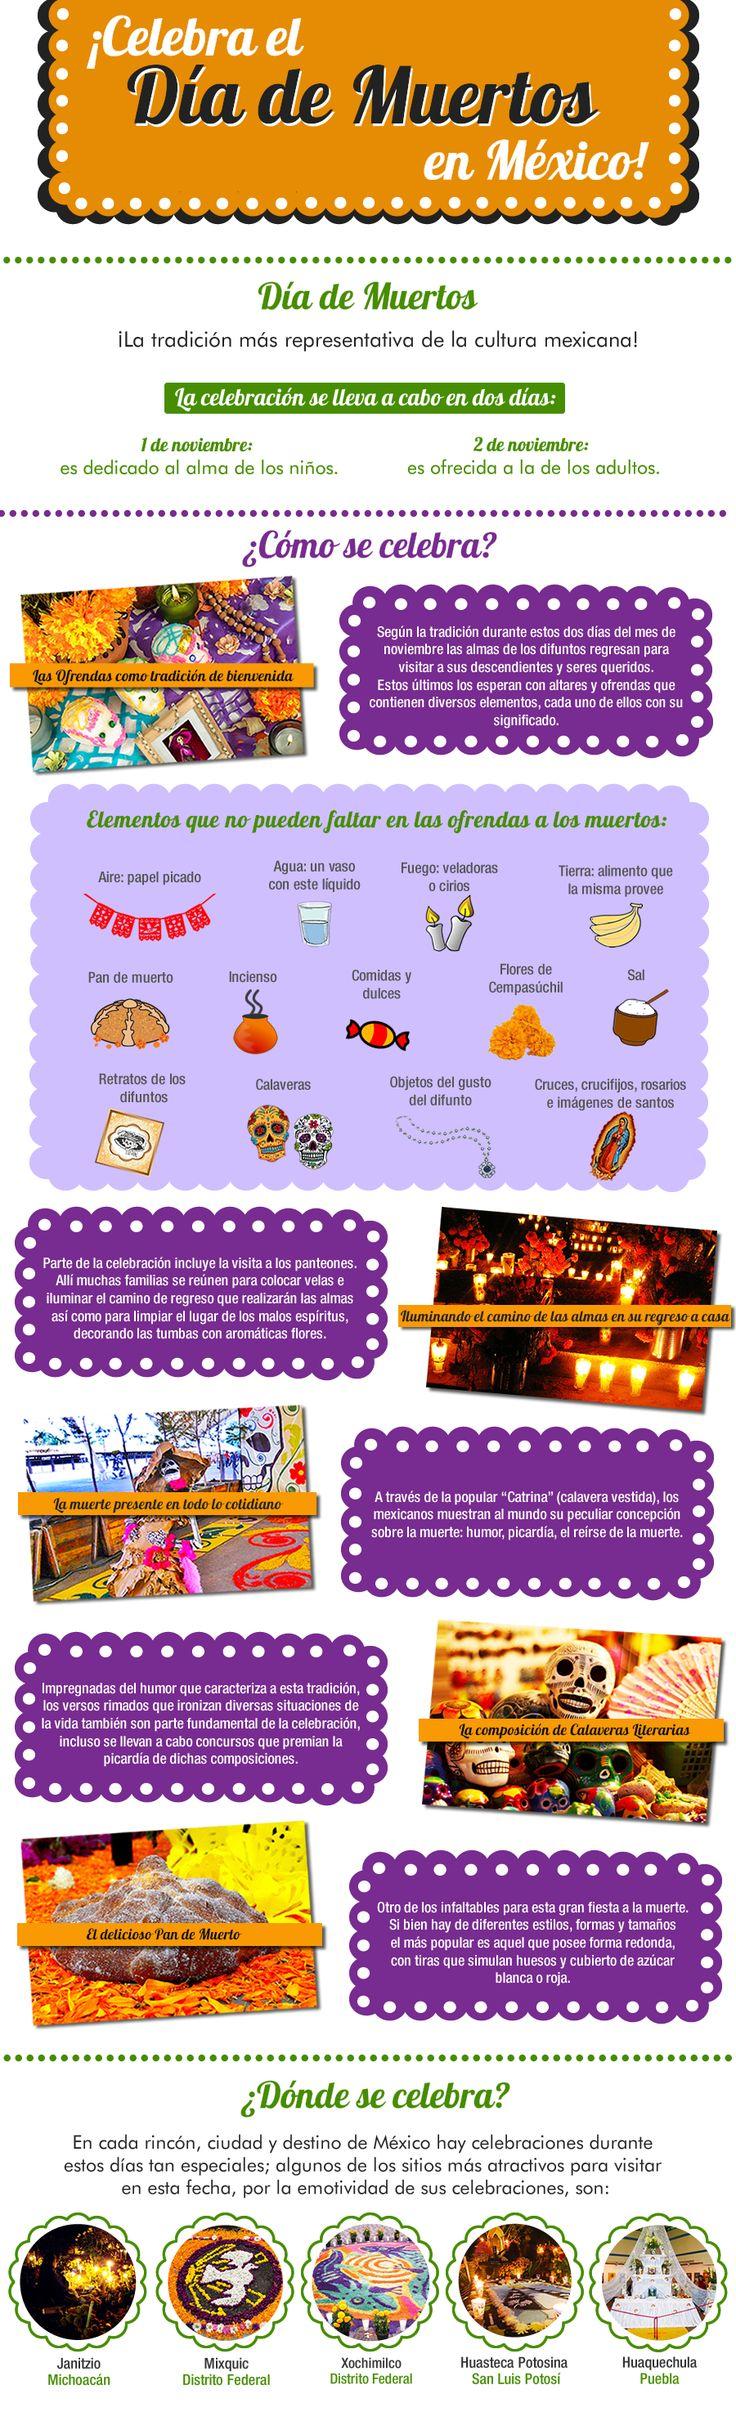 ¡Celebra el #DiadeMuertos en #Mexico! #Altares #Ofrendas #Noviembre #Catrina #Muertos #Calaveras #Celebraciones #Tradicion #Infografia #Infographic Organiza tu estadía en el destino que elijas, desde aquí: http://www.bestday.com.mx/Paquetes/